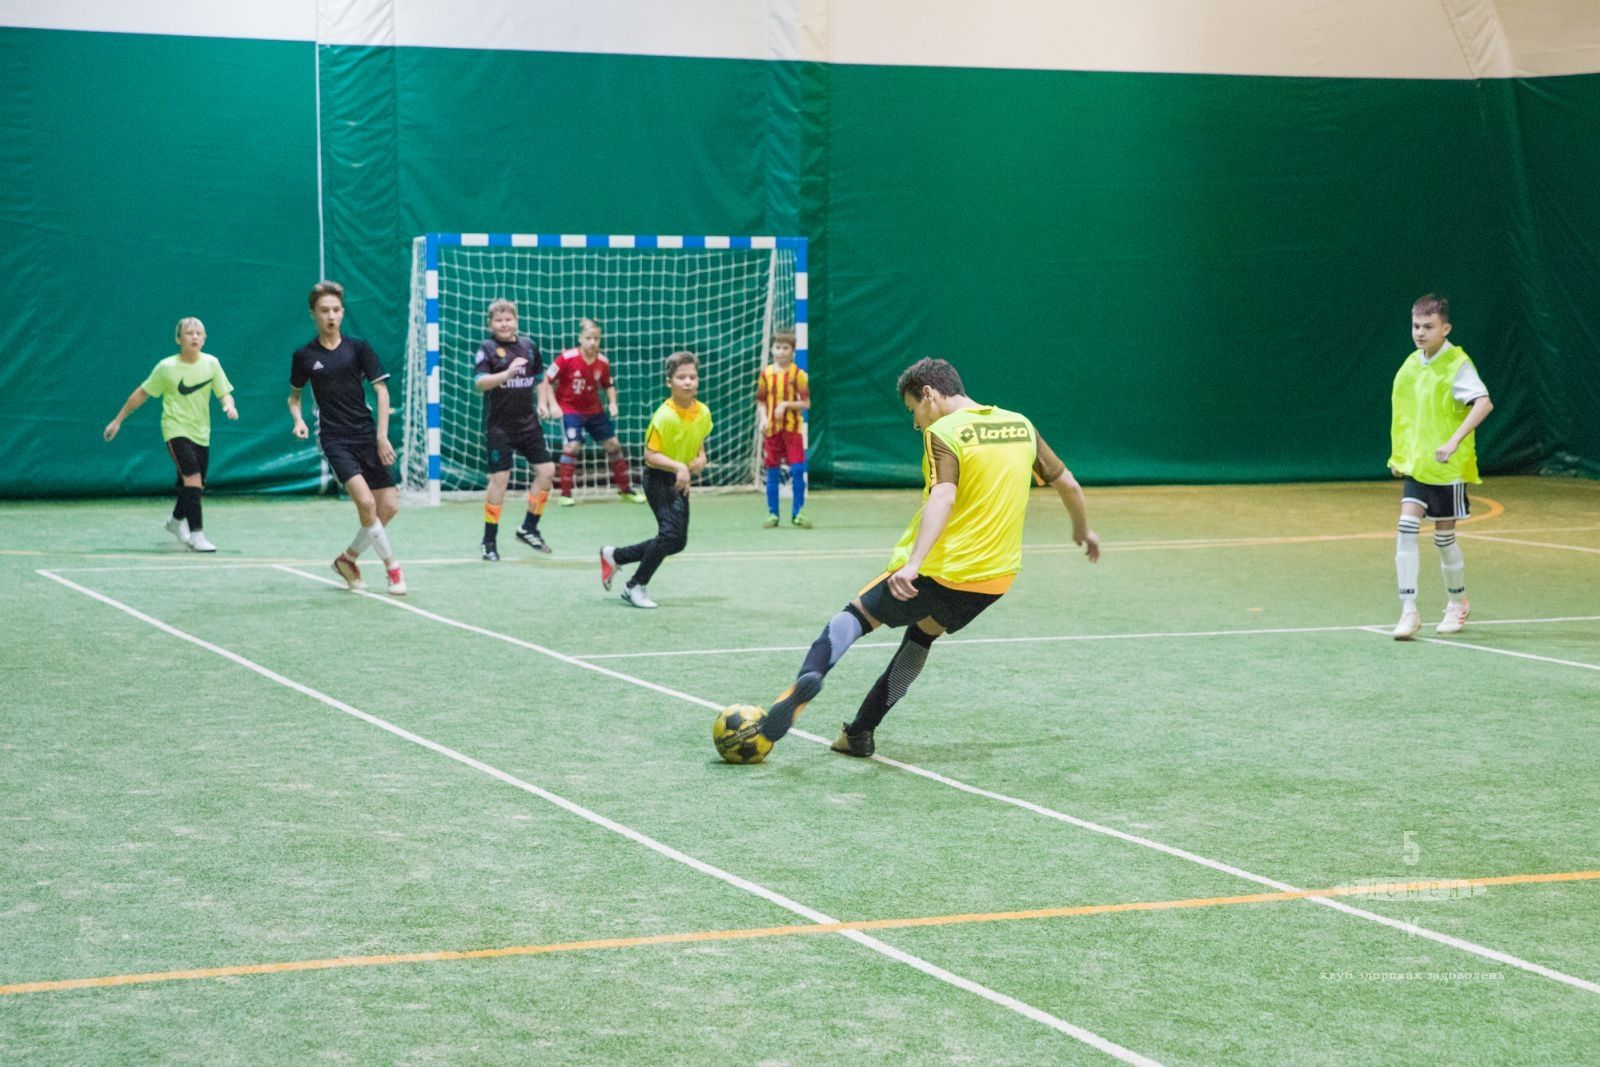 Детский футбол для детей от 3 до 5 лет— фитнес-клуб 5 элемент